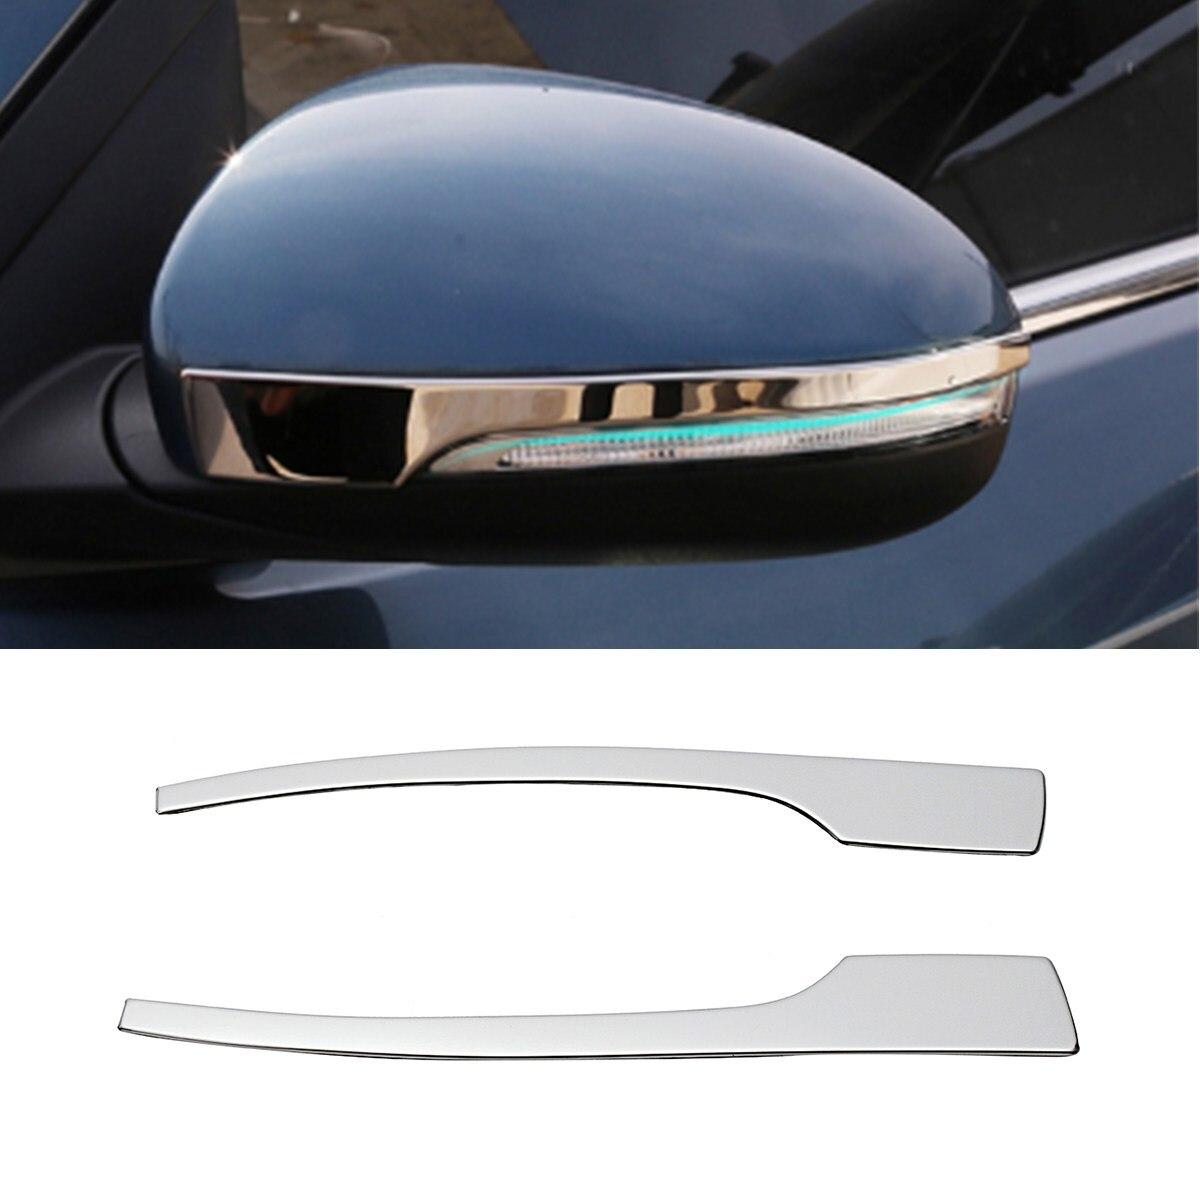 2 pcs De Voiture Extérieur Côté Rétroviseur Miroir Protecteurs Pour Hyundai Tucson 2015-2018 Moulure